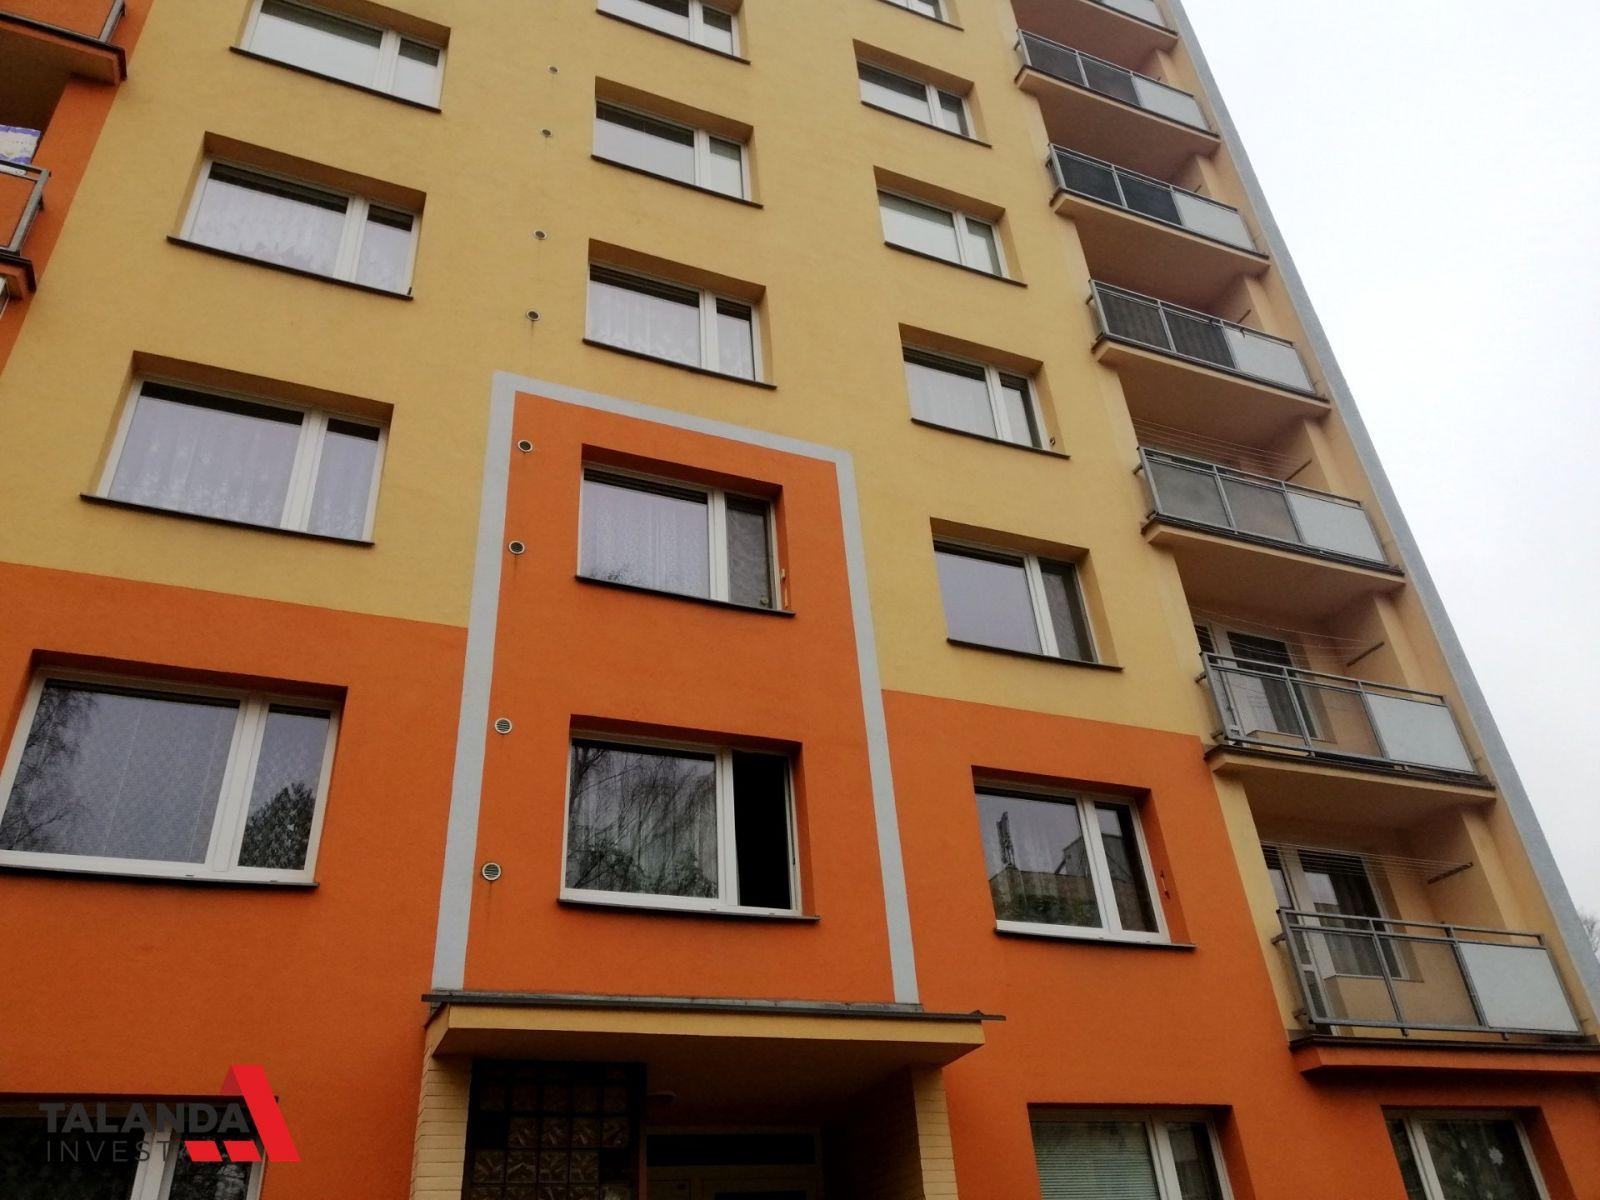 Prodáme družstevní byt  3+1 s balkónem, o výměře 66,64 m2, byt se nachází na žádaném sídlišti Štěpni